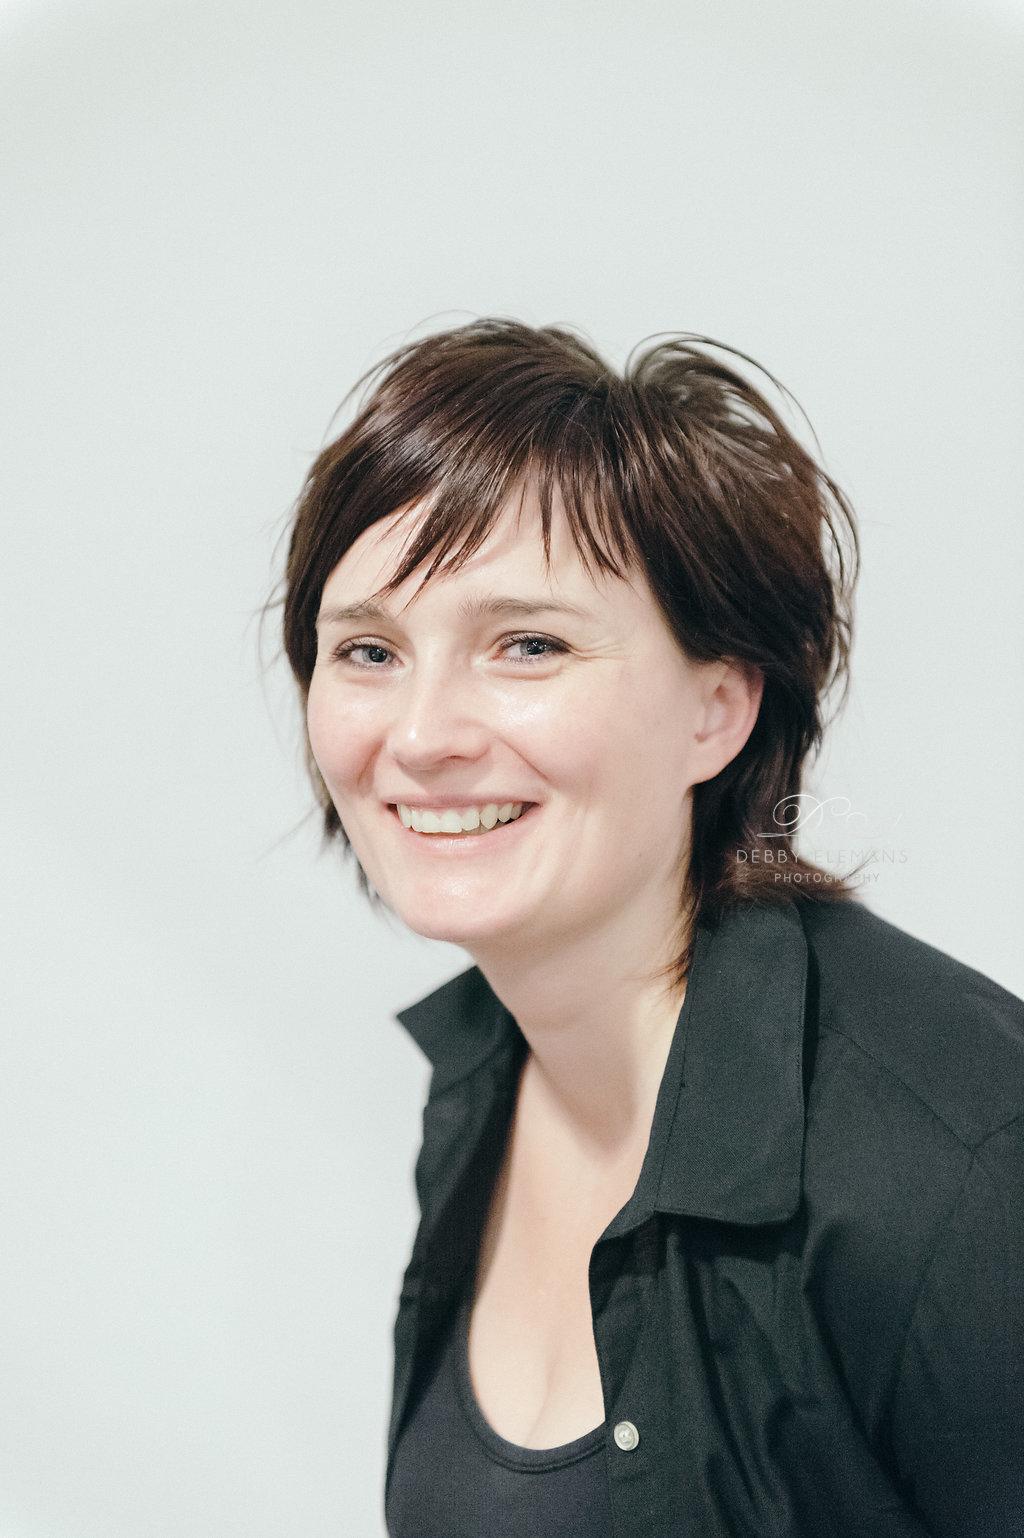 Marieke - Kapper bij Haarstudio Corrie Molenaarsgraaf